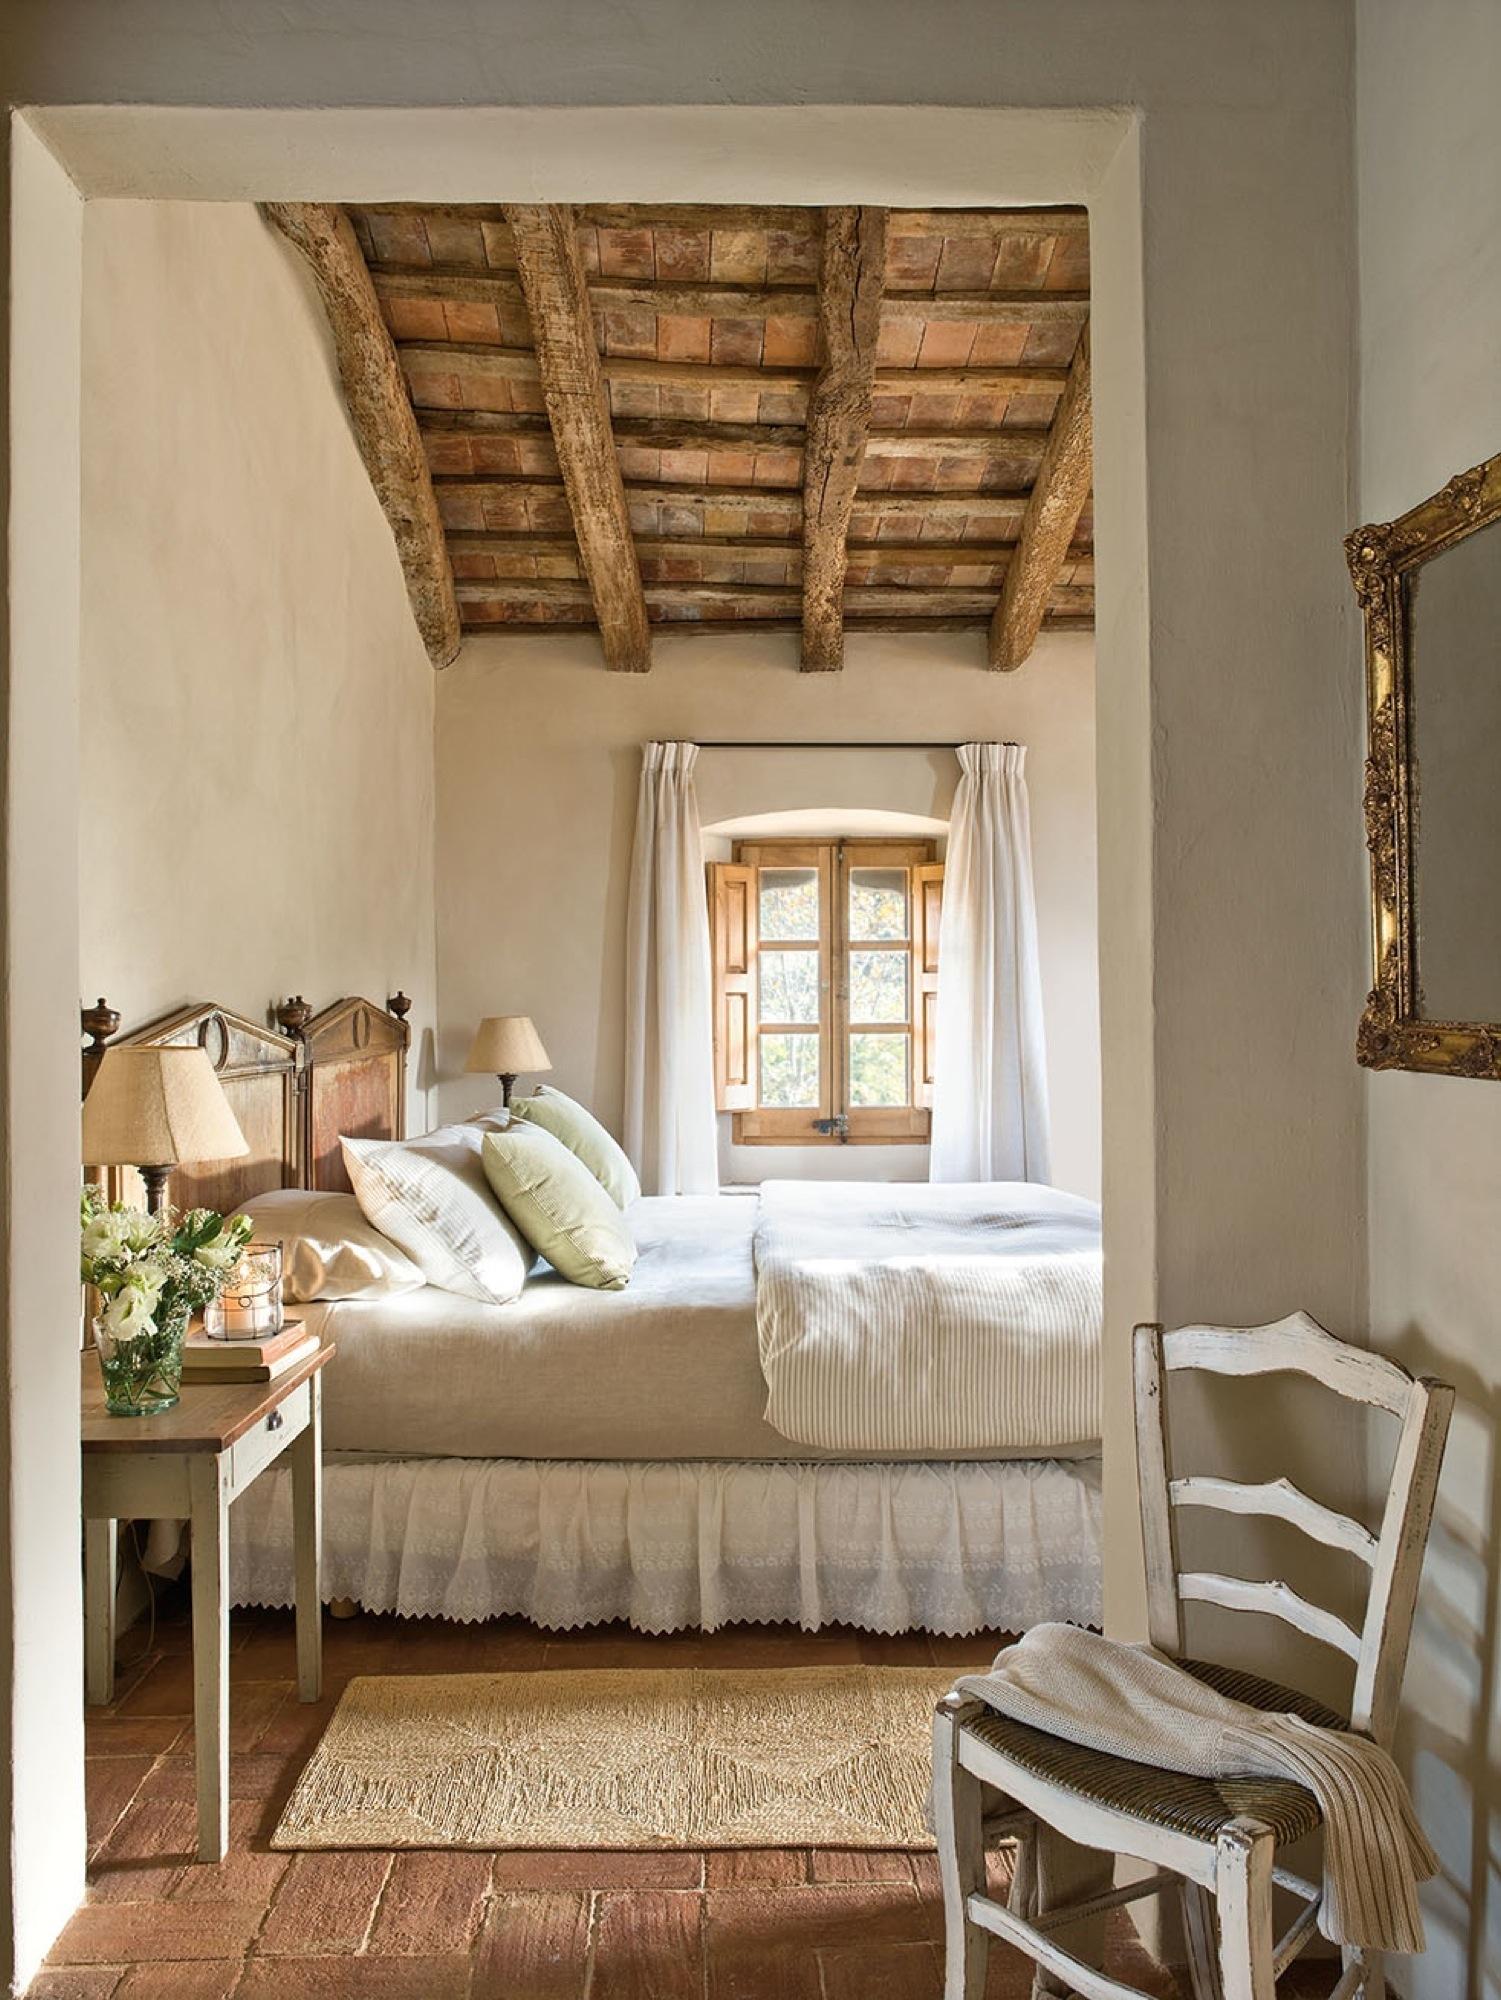 Dormitorios r sticos con mucho encanto for Como decorar espacios pequenos estilo rustico